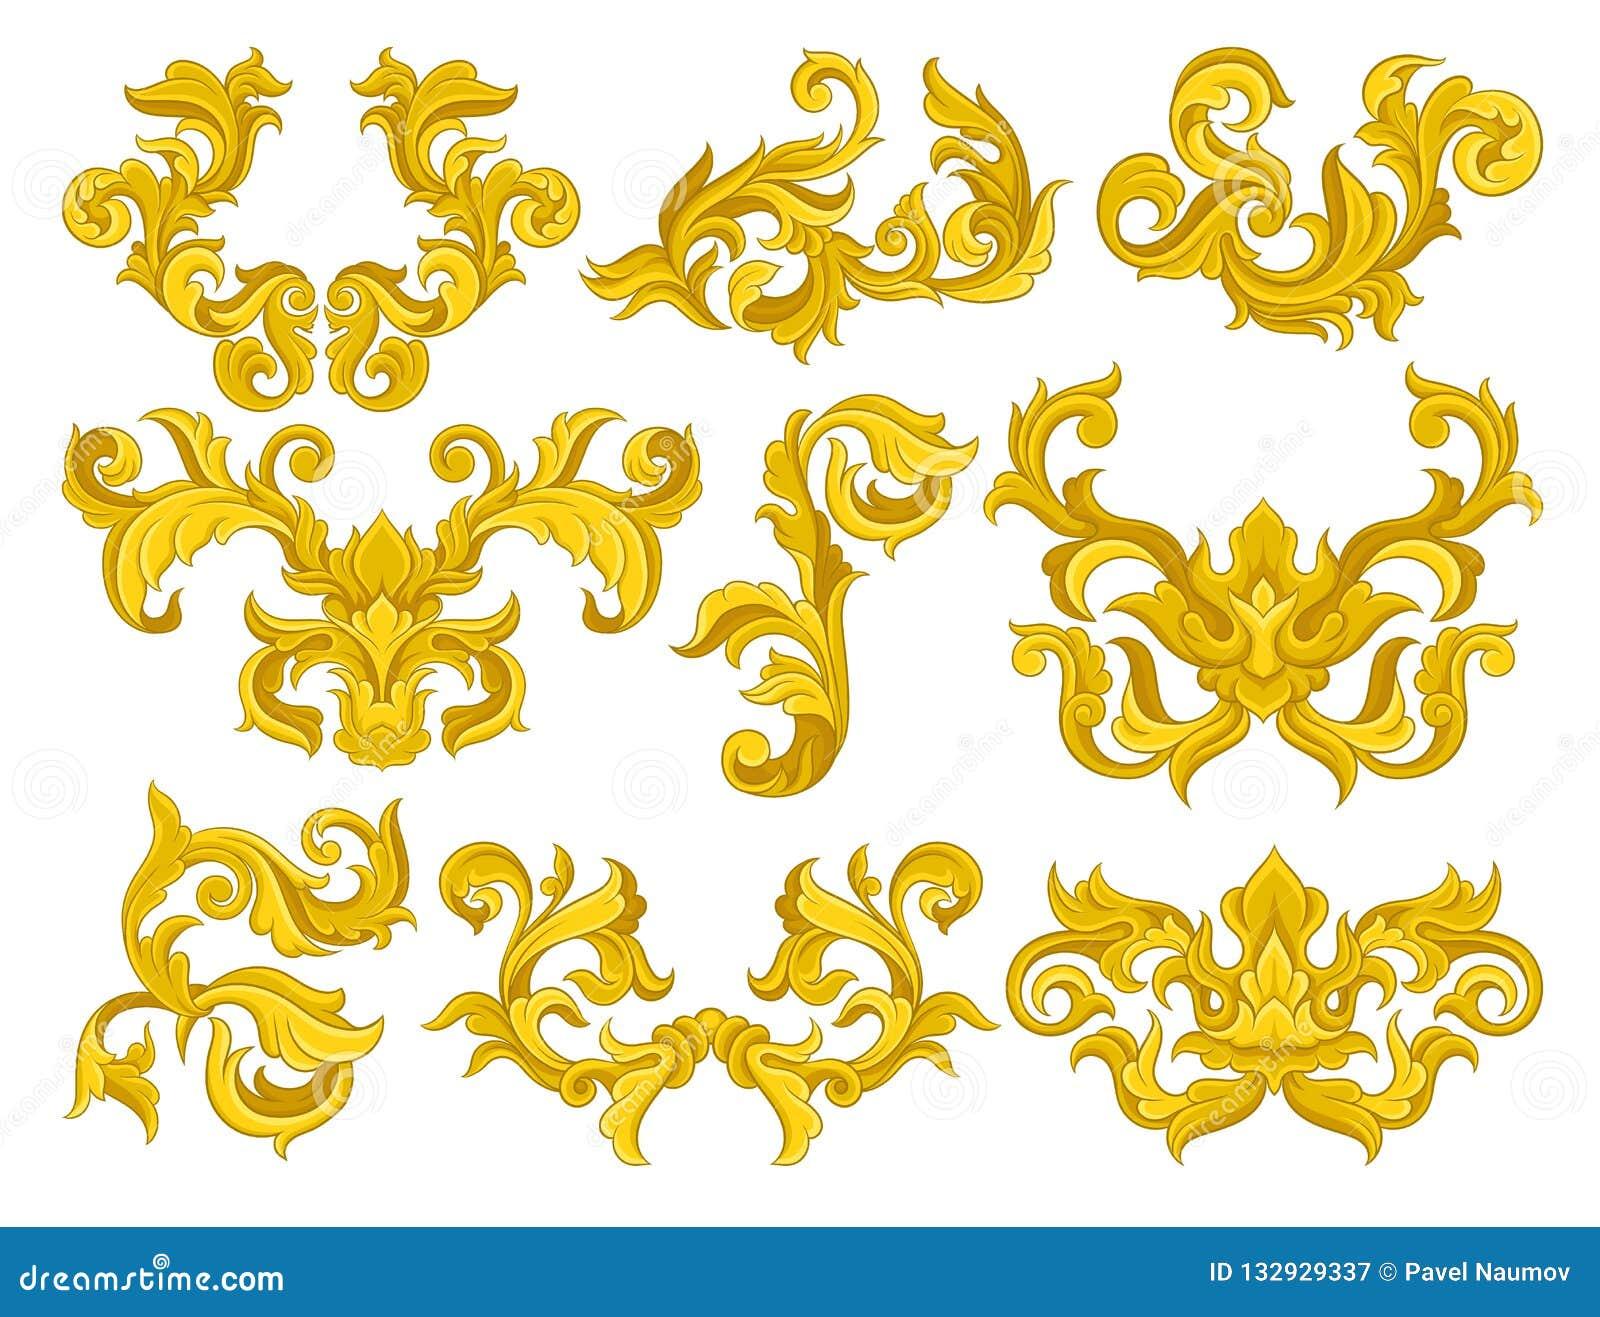 Διανυσματικό σύνολο χρυσών μπαρόκ διακοσμήσεων Πολυτελή floral σχέδια Διακοσμητικά στοιχεία για την πρόσκληση ή τη ευχετήρια κάρτ